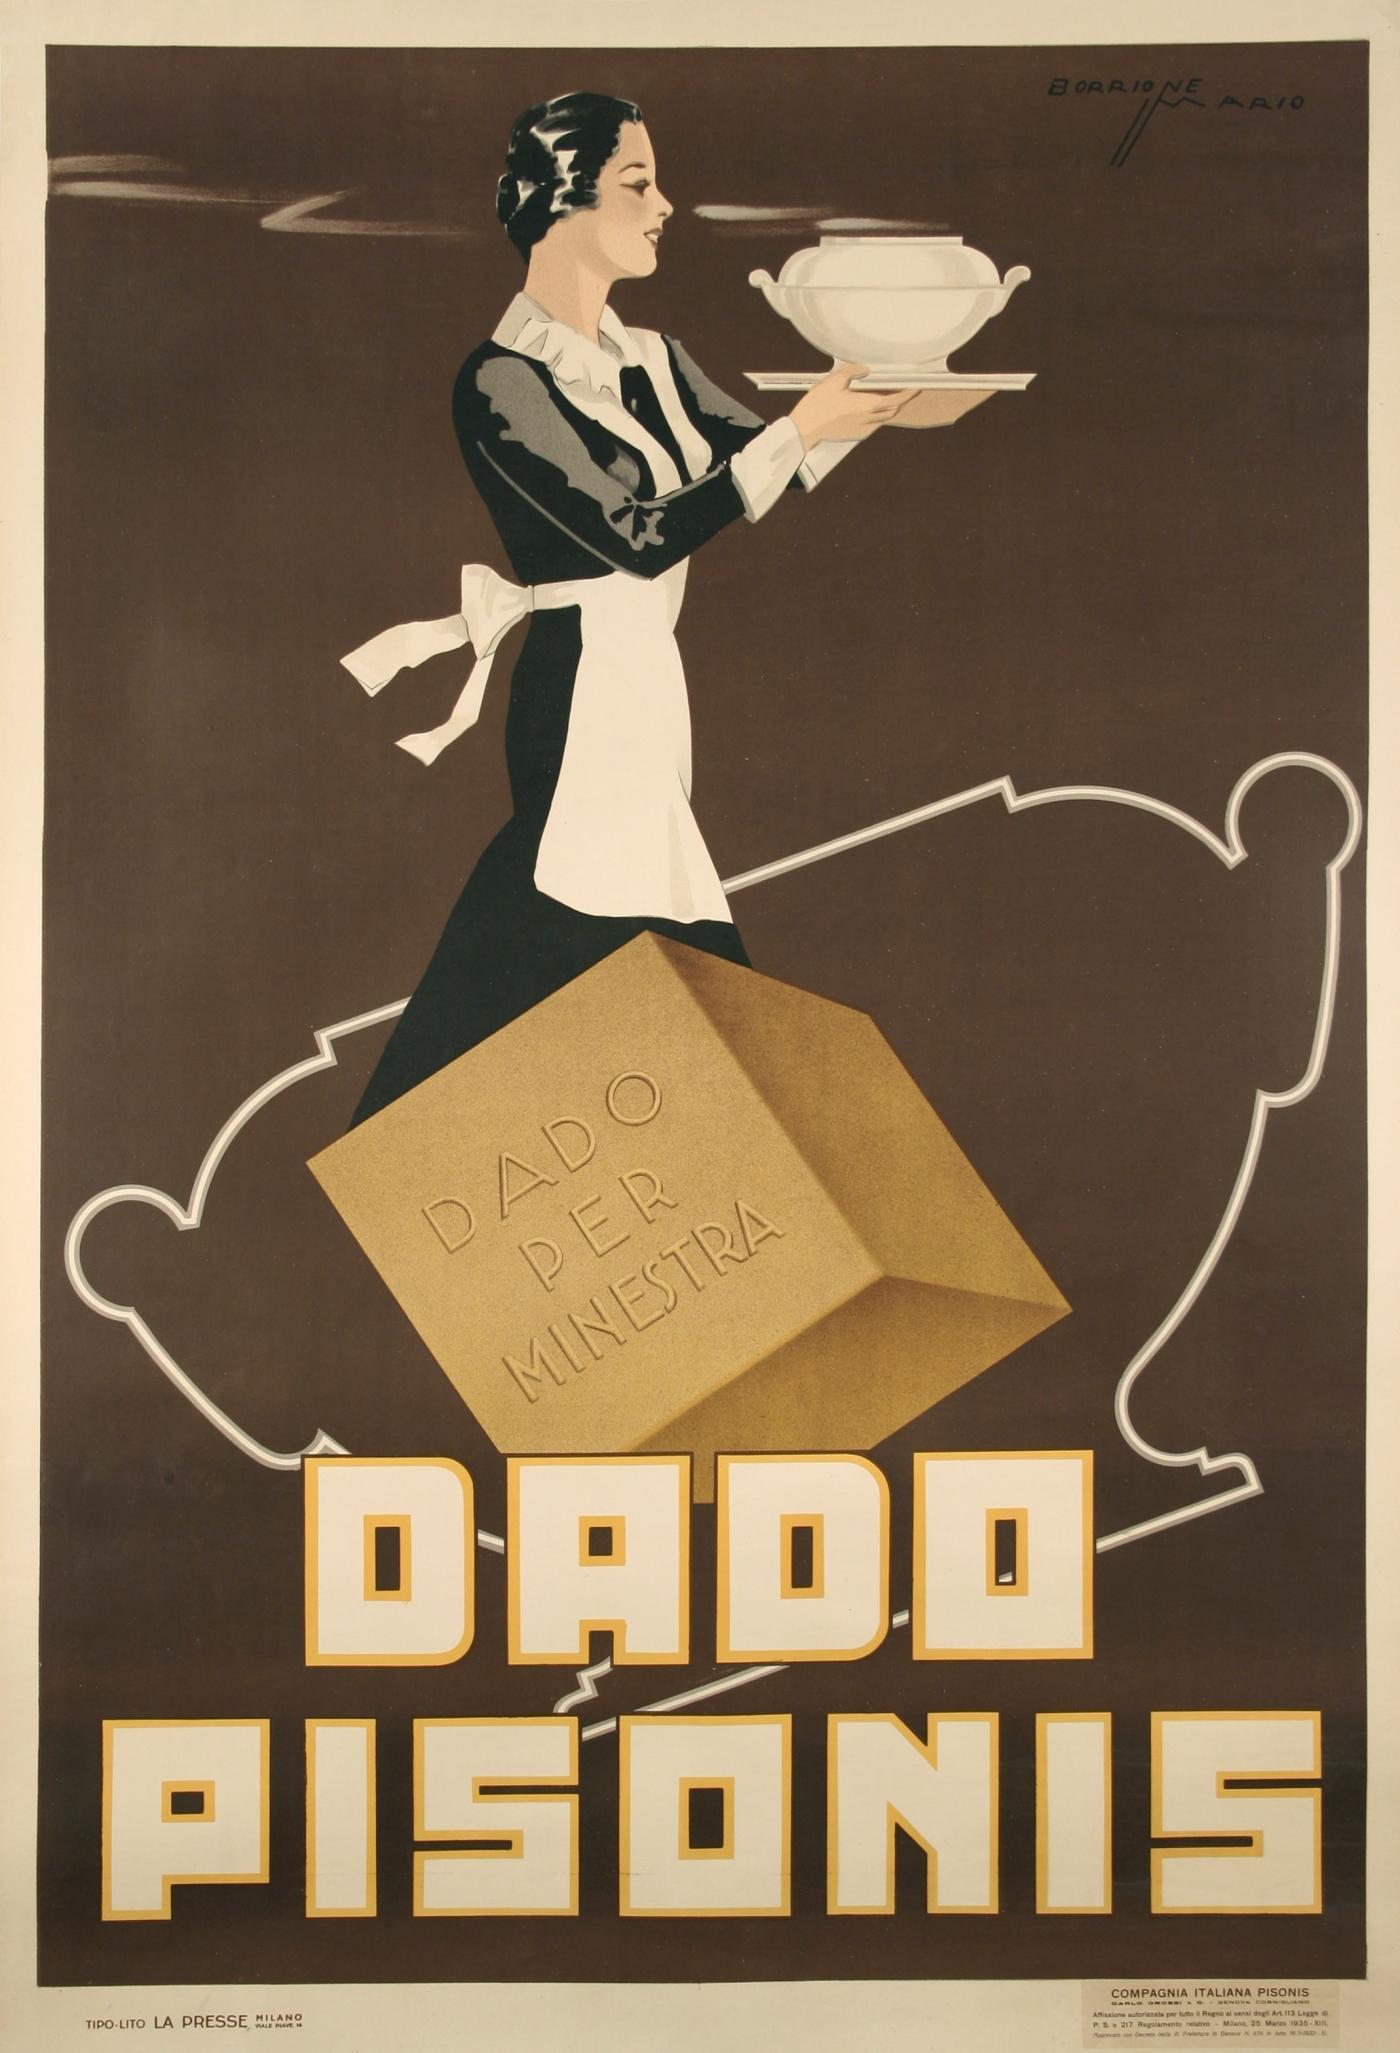 Mario Barrione Italian Art Deco Period Bouillon Poster